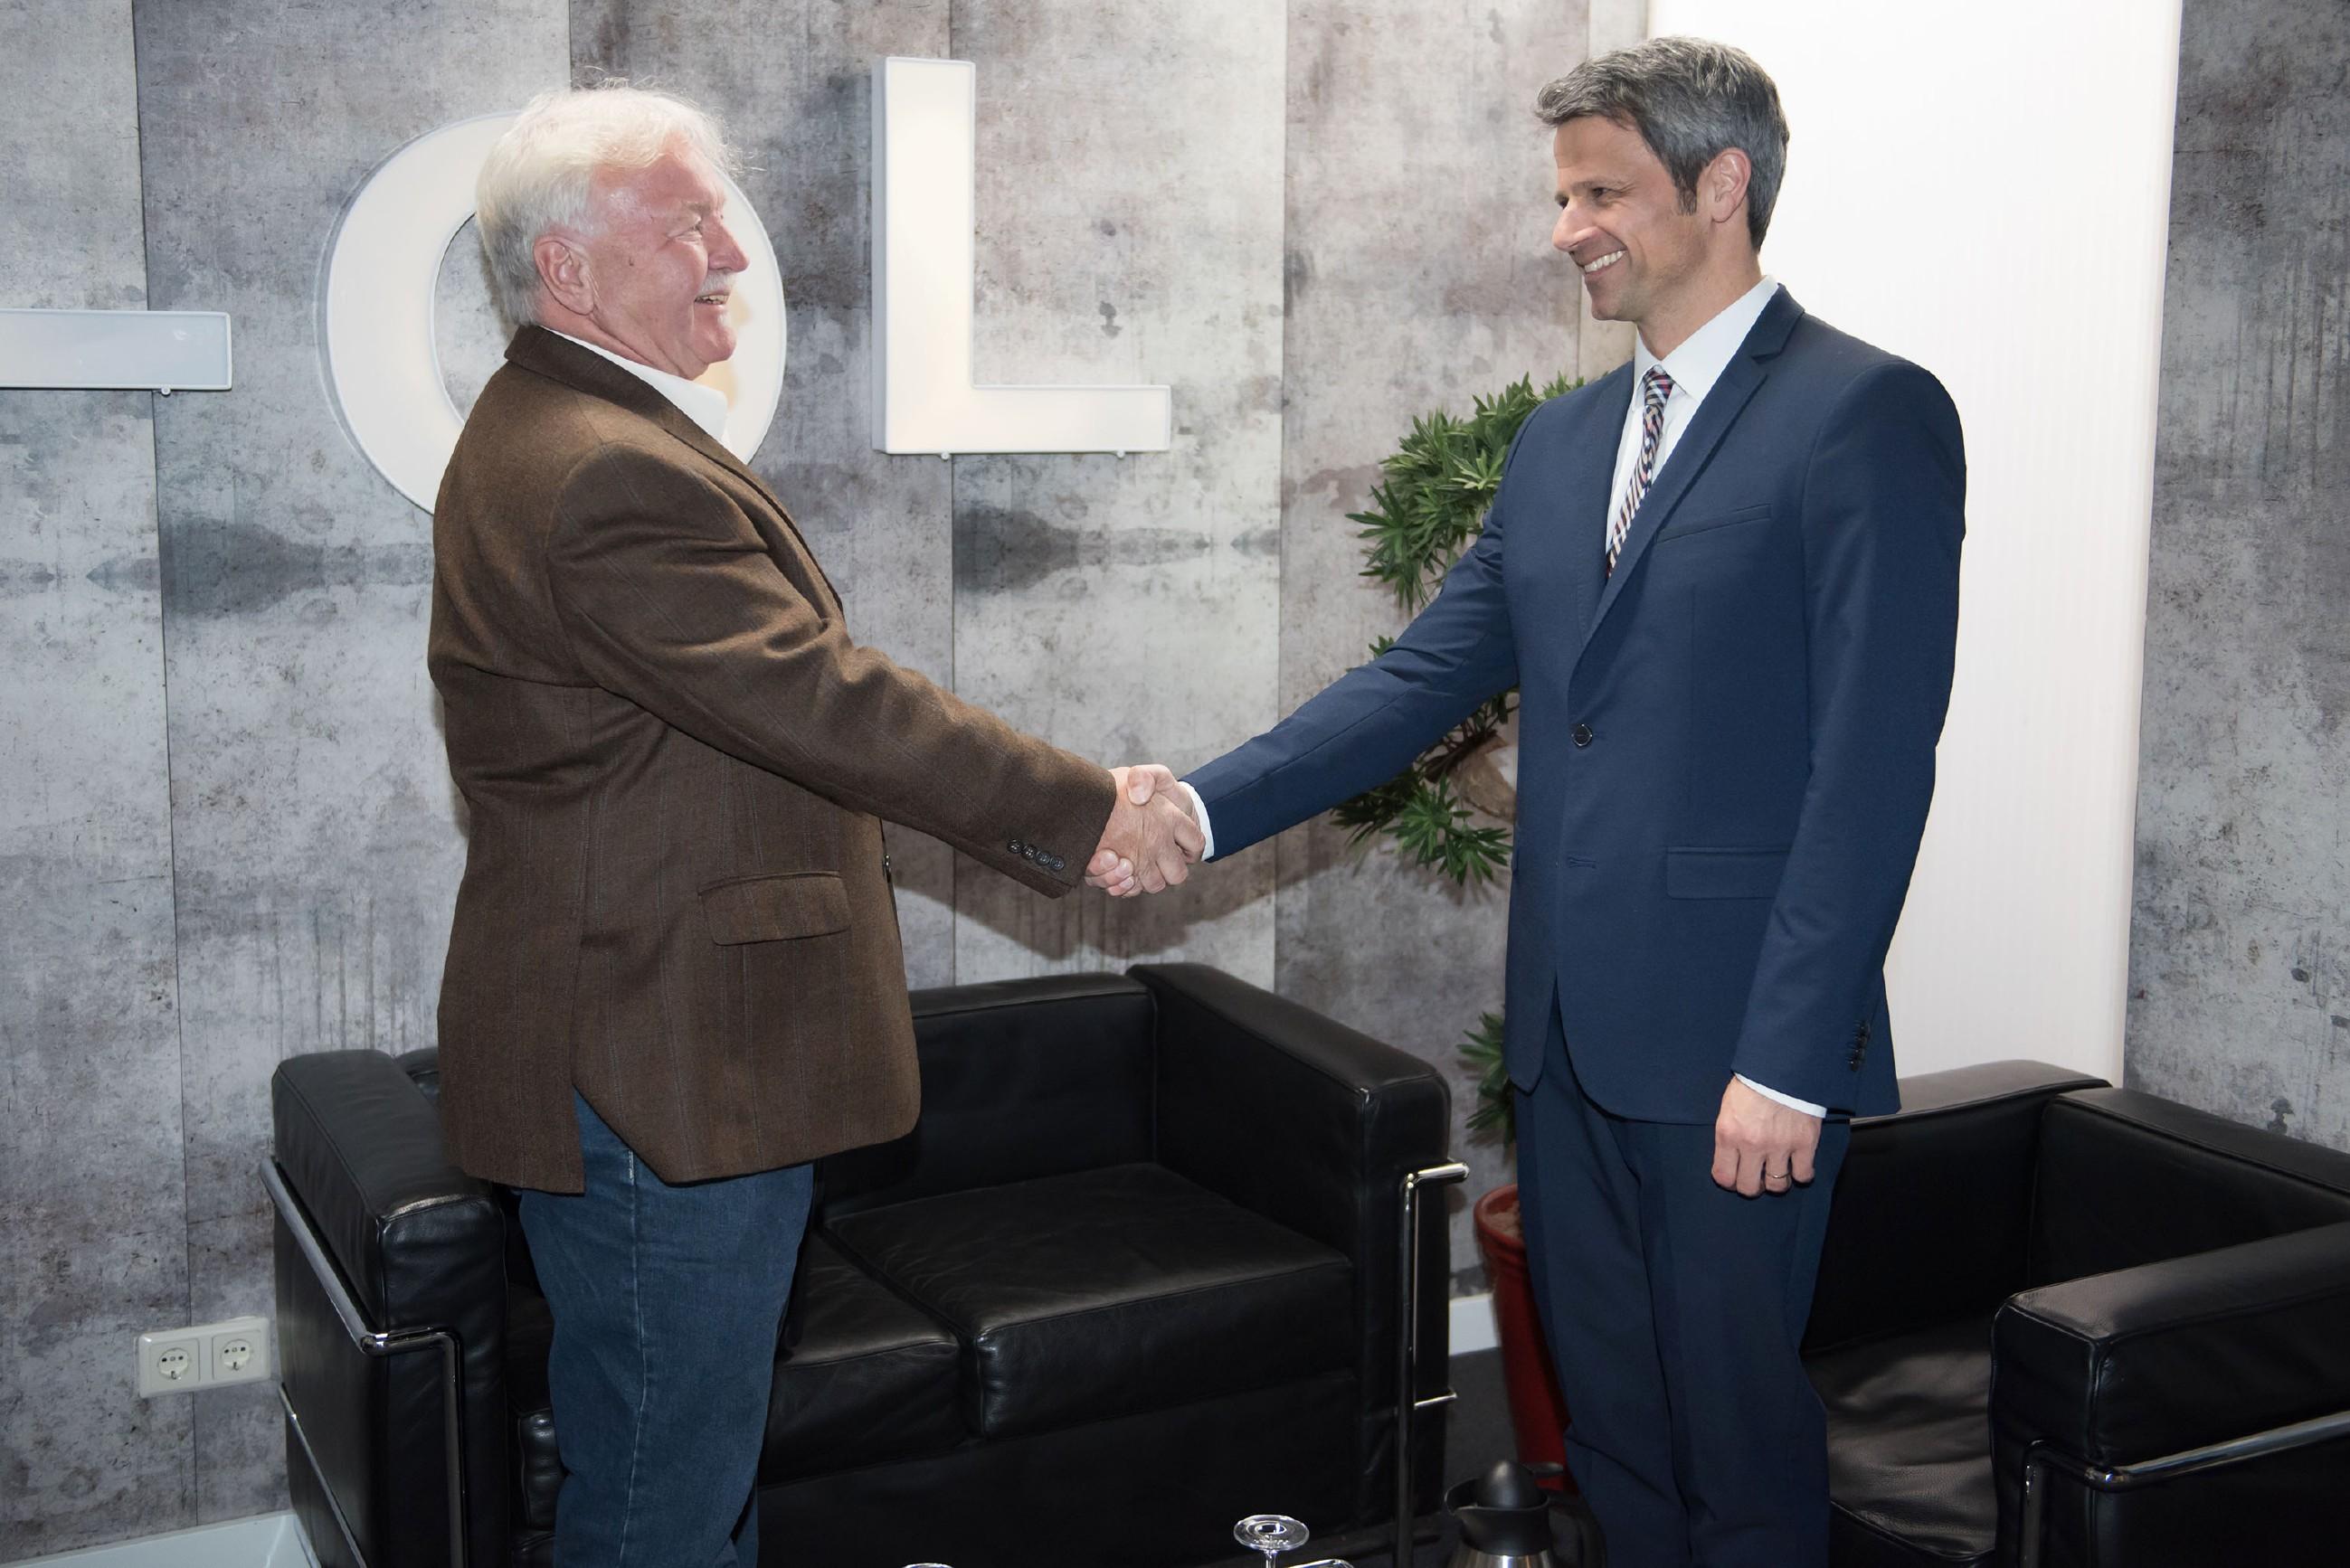 Benedikt (Jens Hajek, r.) drängt sich hinter Roberts Rücken in das Bauprojekt von Roberts Chef Werner Paffrath (Ludwig Hansmann) und schließt einen Deal mit ihm ab. (Quelle: RTL / Stefan Behrens)